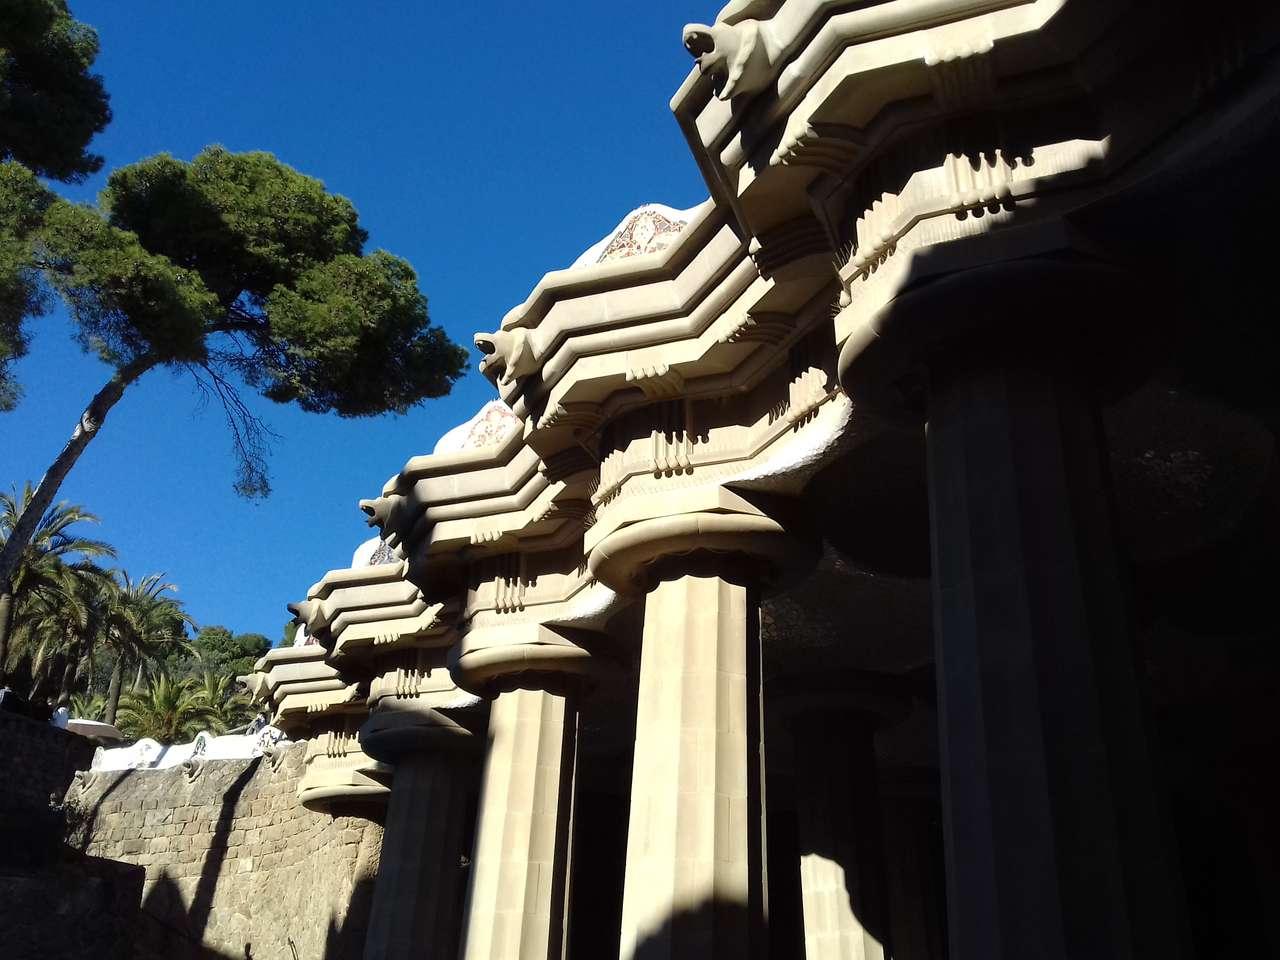 Gaudi Barcelona - Ogród Gaudiego w Barcelonie (12×9)